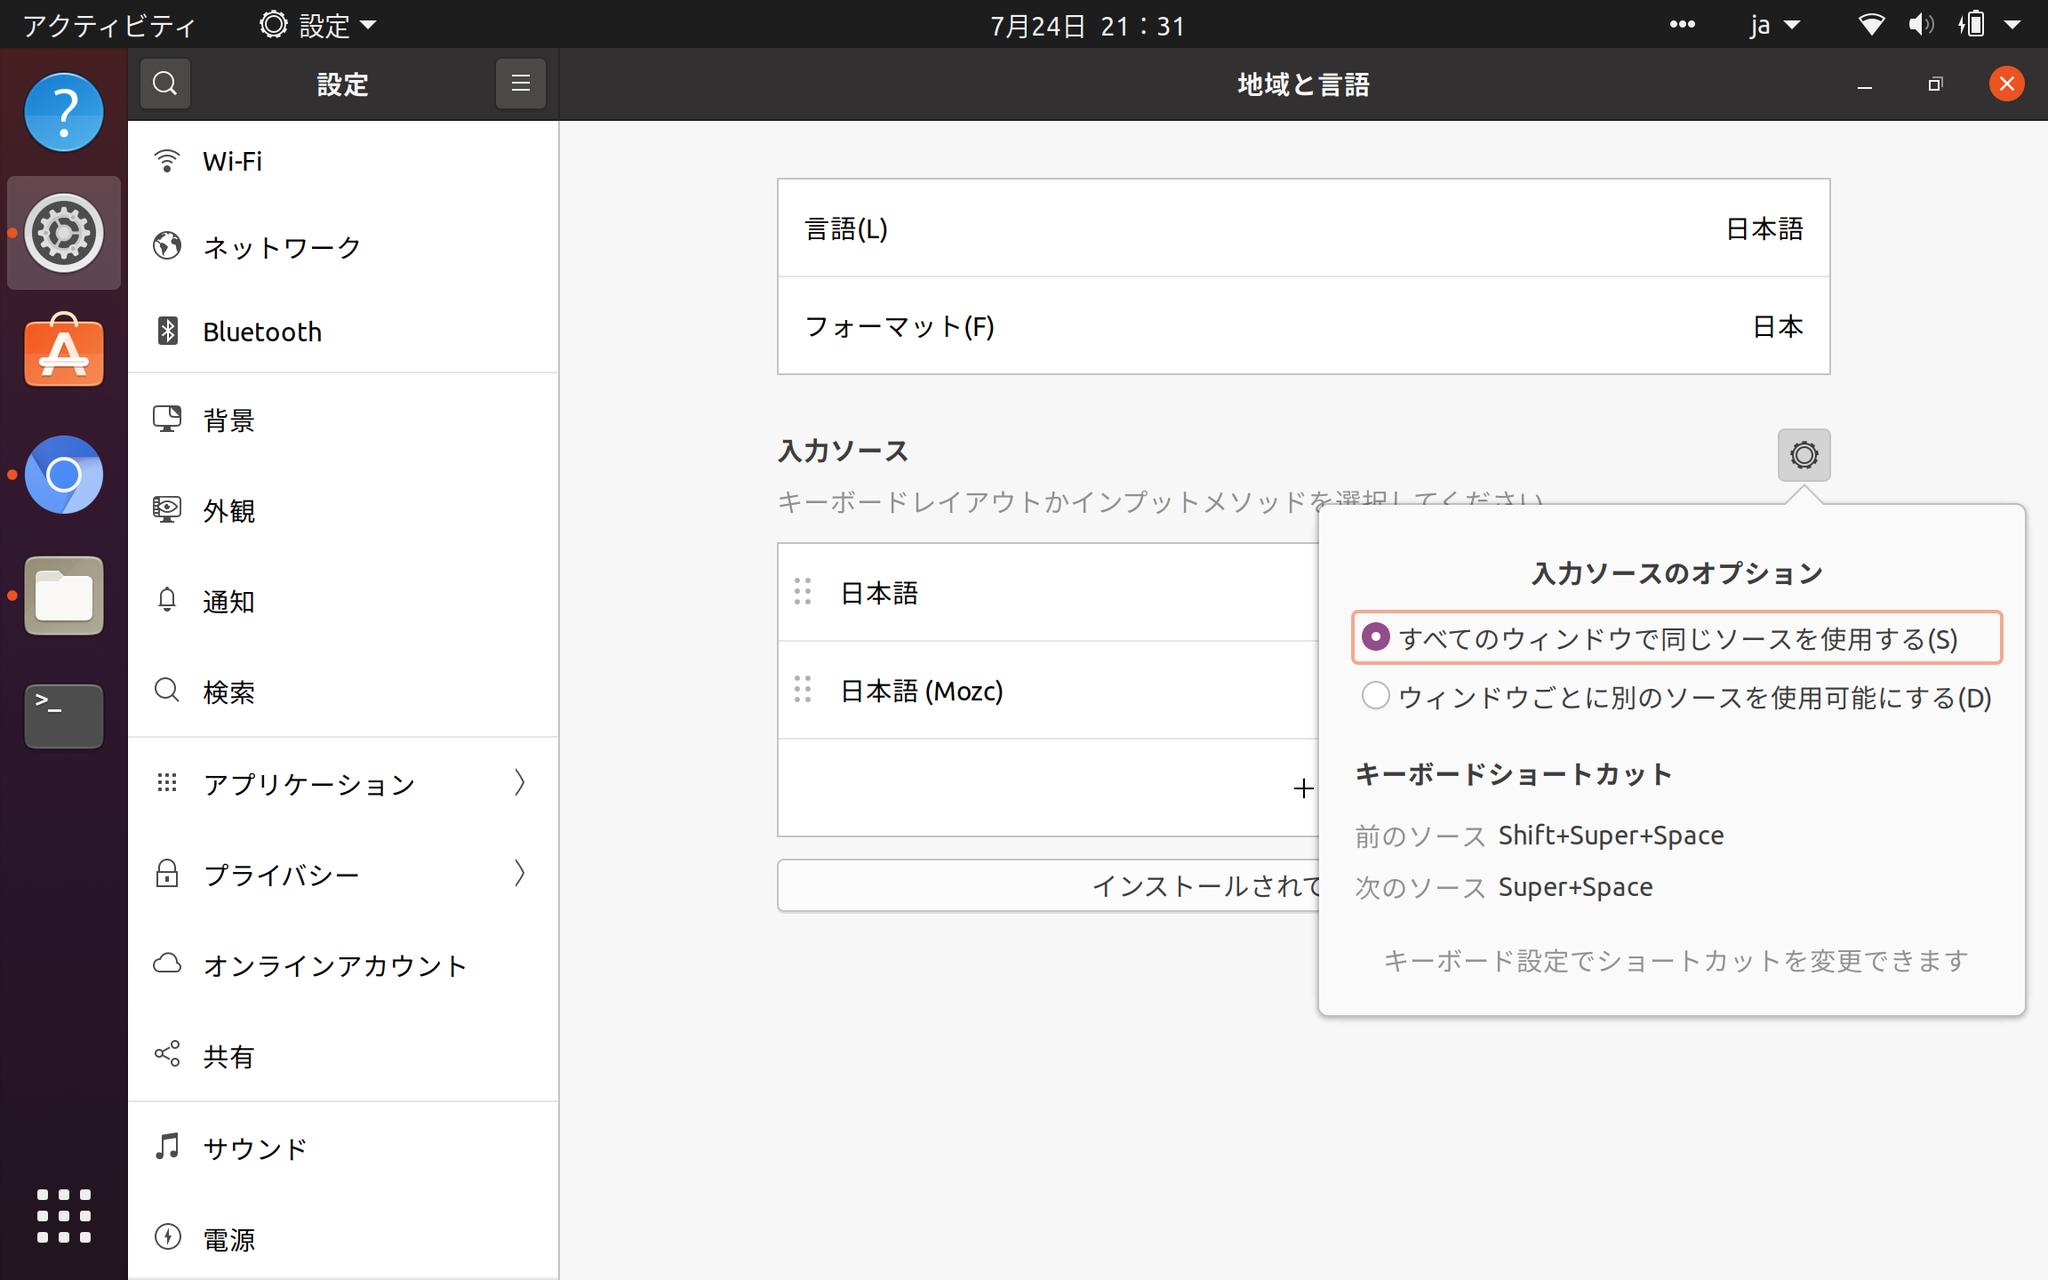 shift + command + スペースキーで日本語入力に切り替えられるようなった。super は command のことらしい。 https://t.co/ERWfHW67Cg